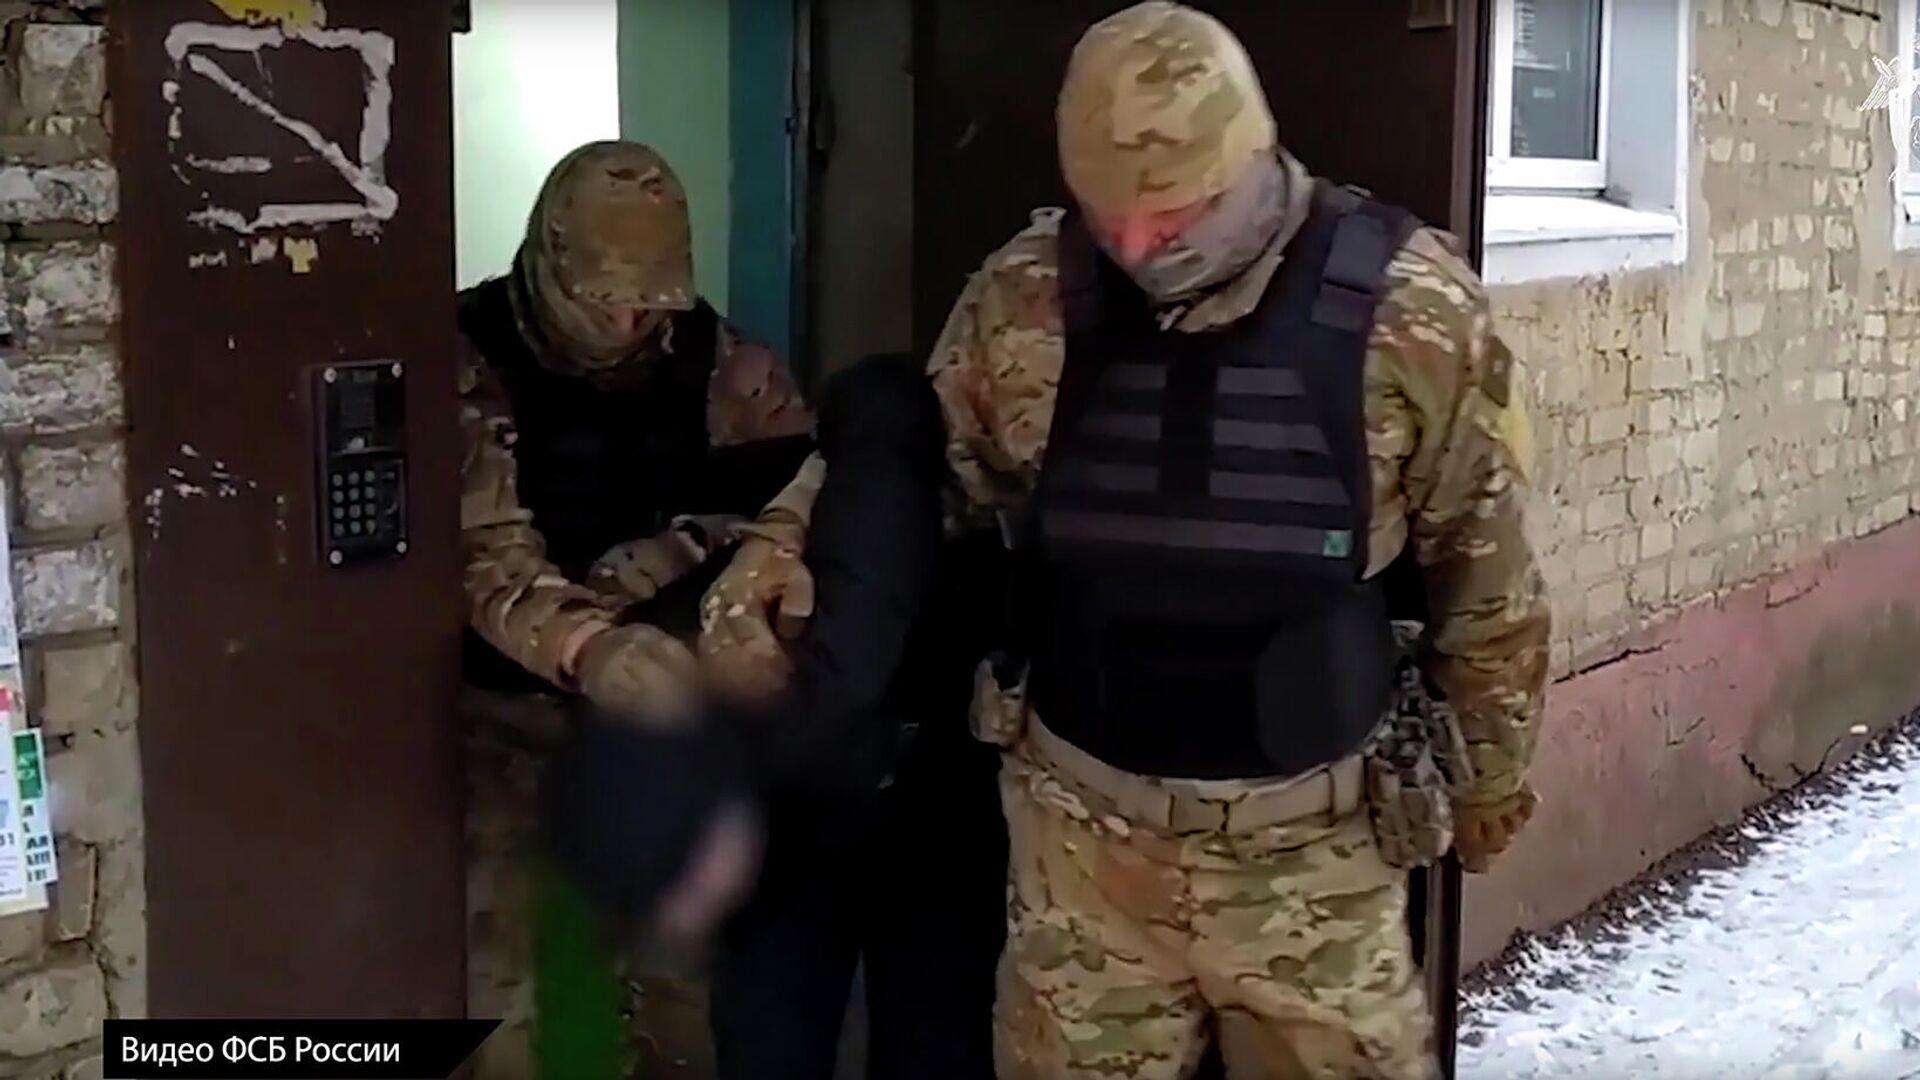 Планировавшего теракт в Тамбове подростка арестовали на два месяца